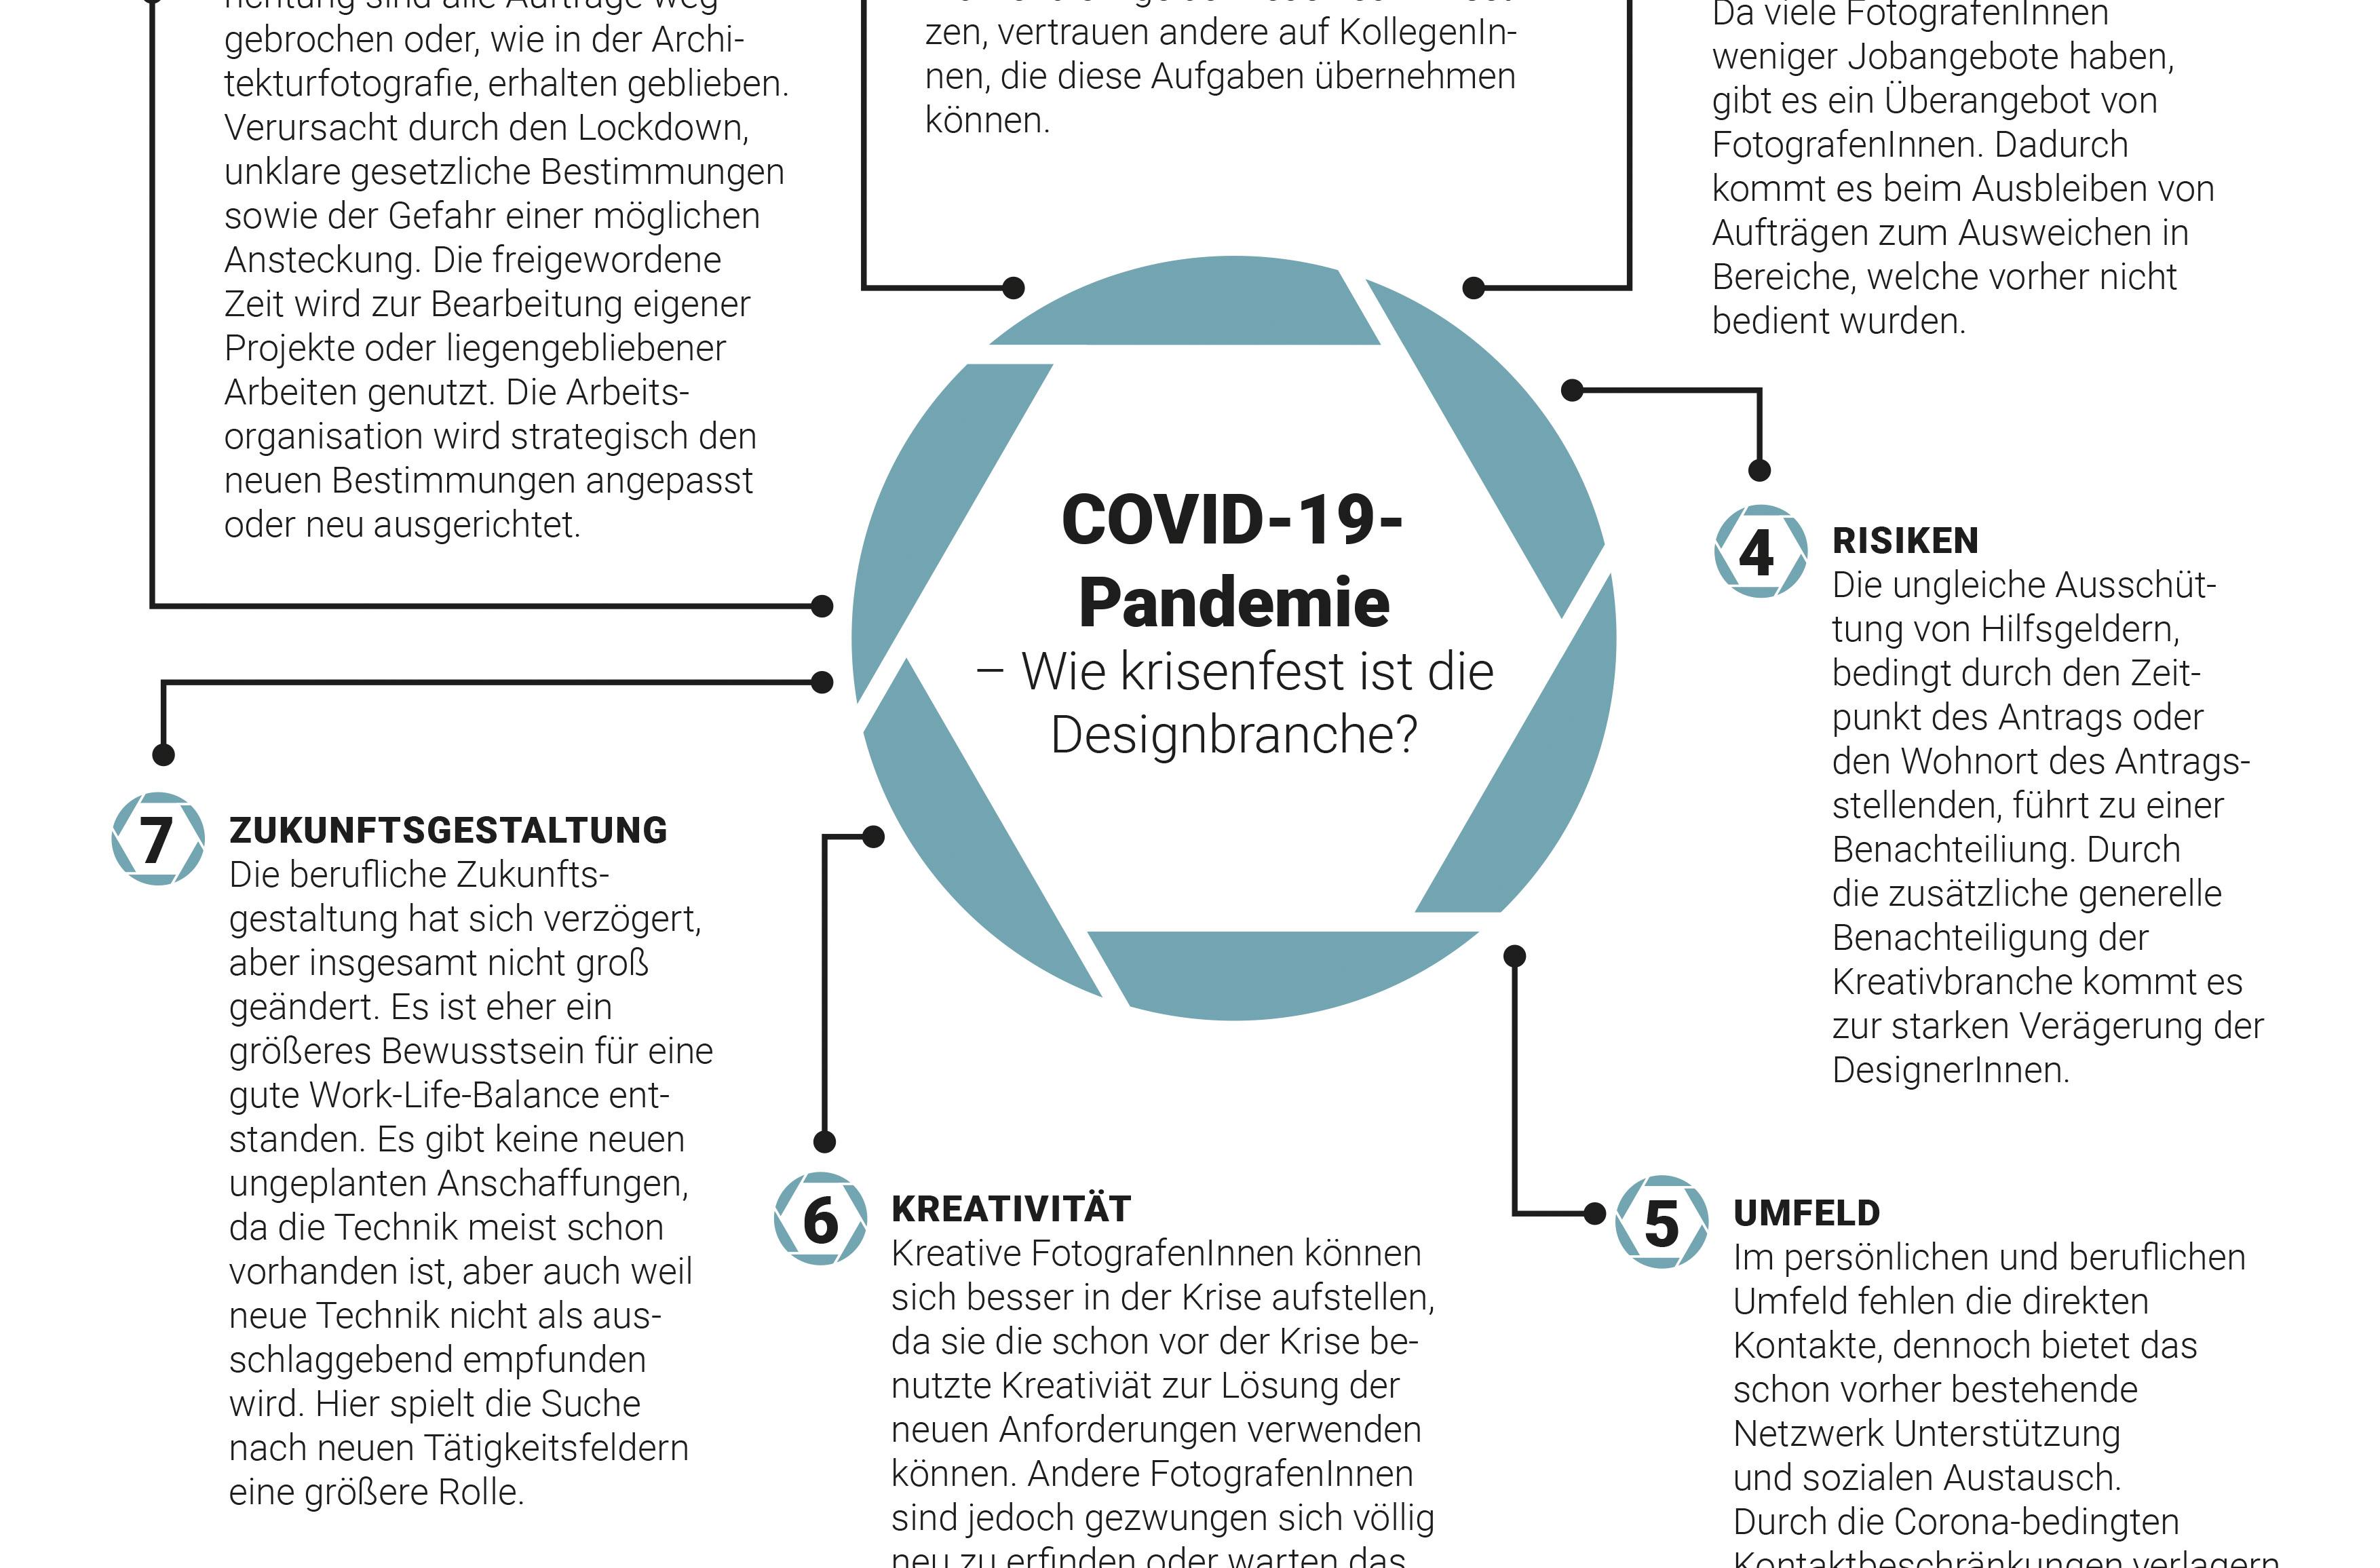 COVID-19-Pandemie - Wie krisenfest ist die Fotografiebranche?